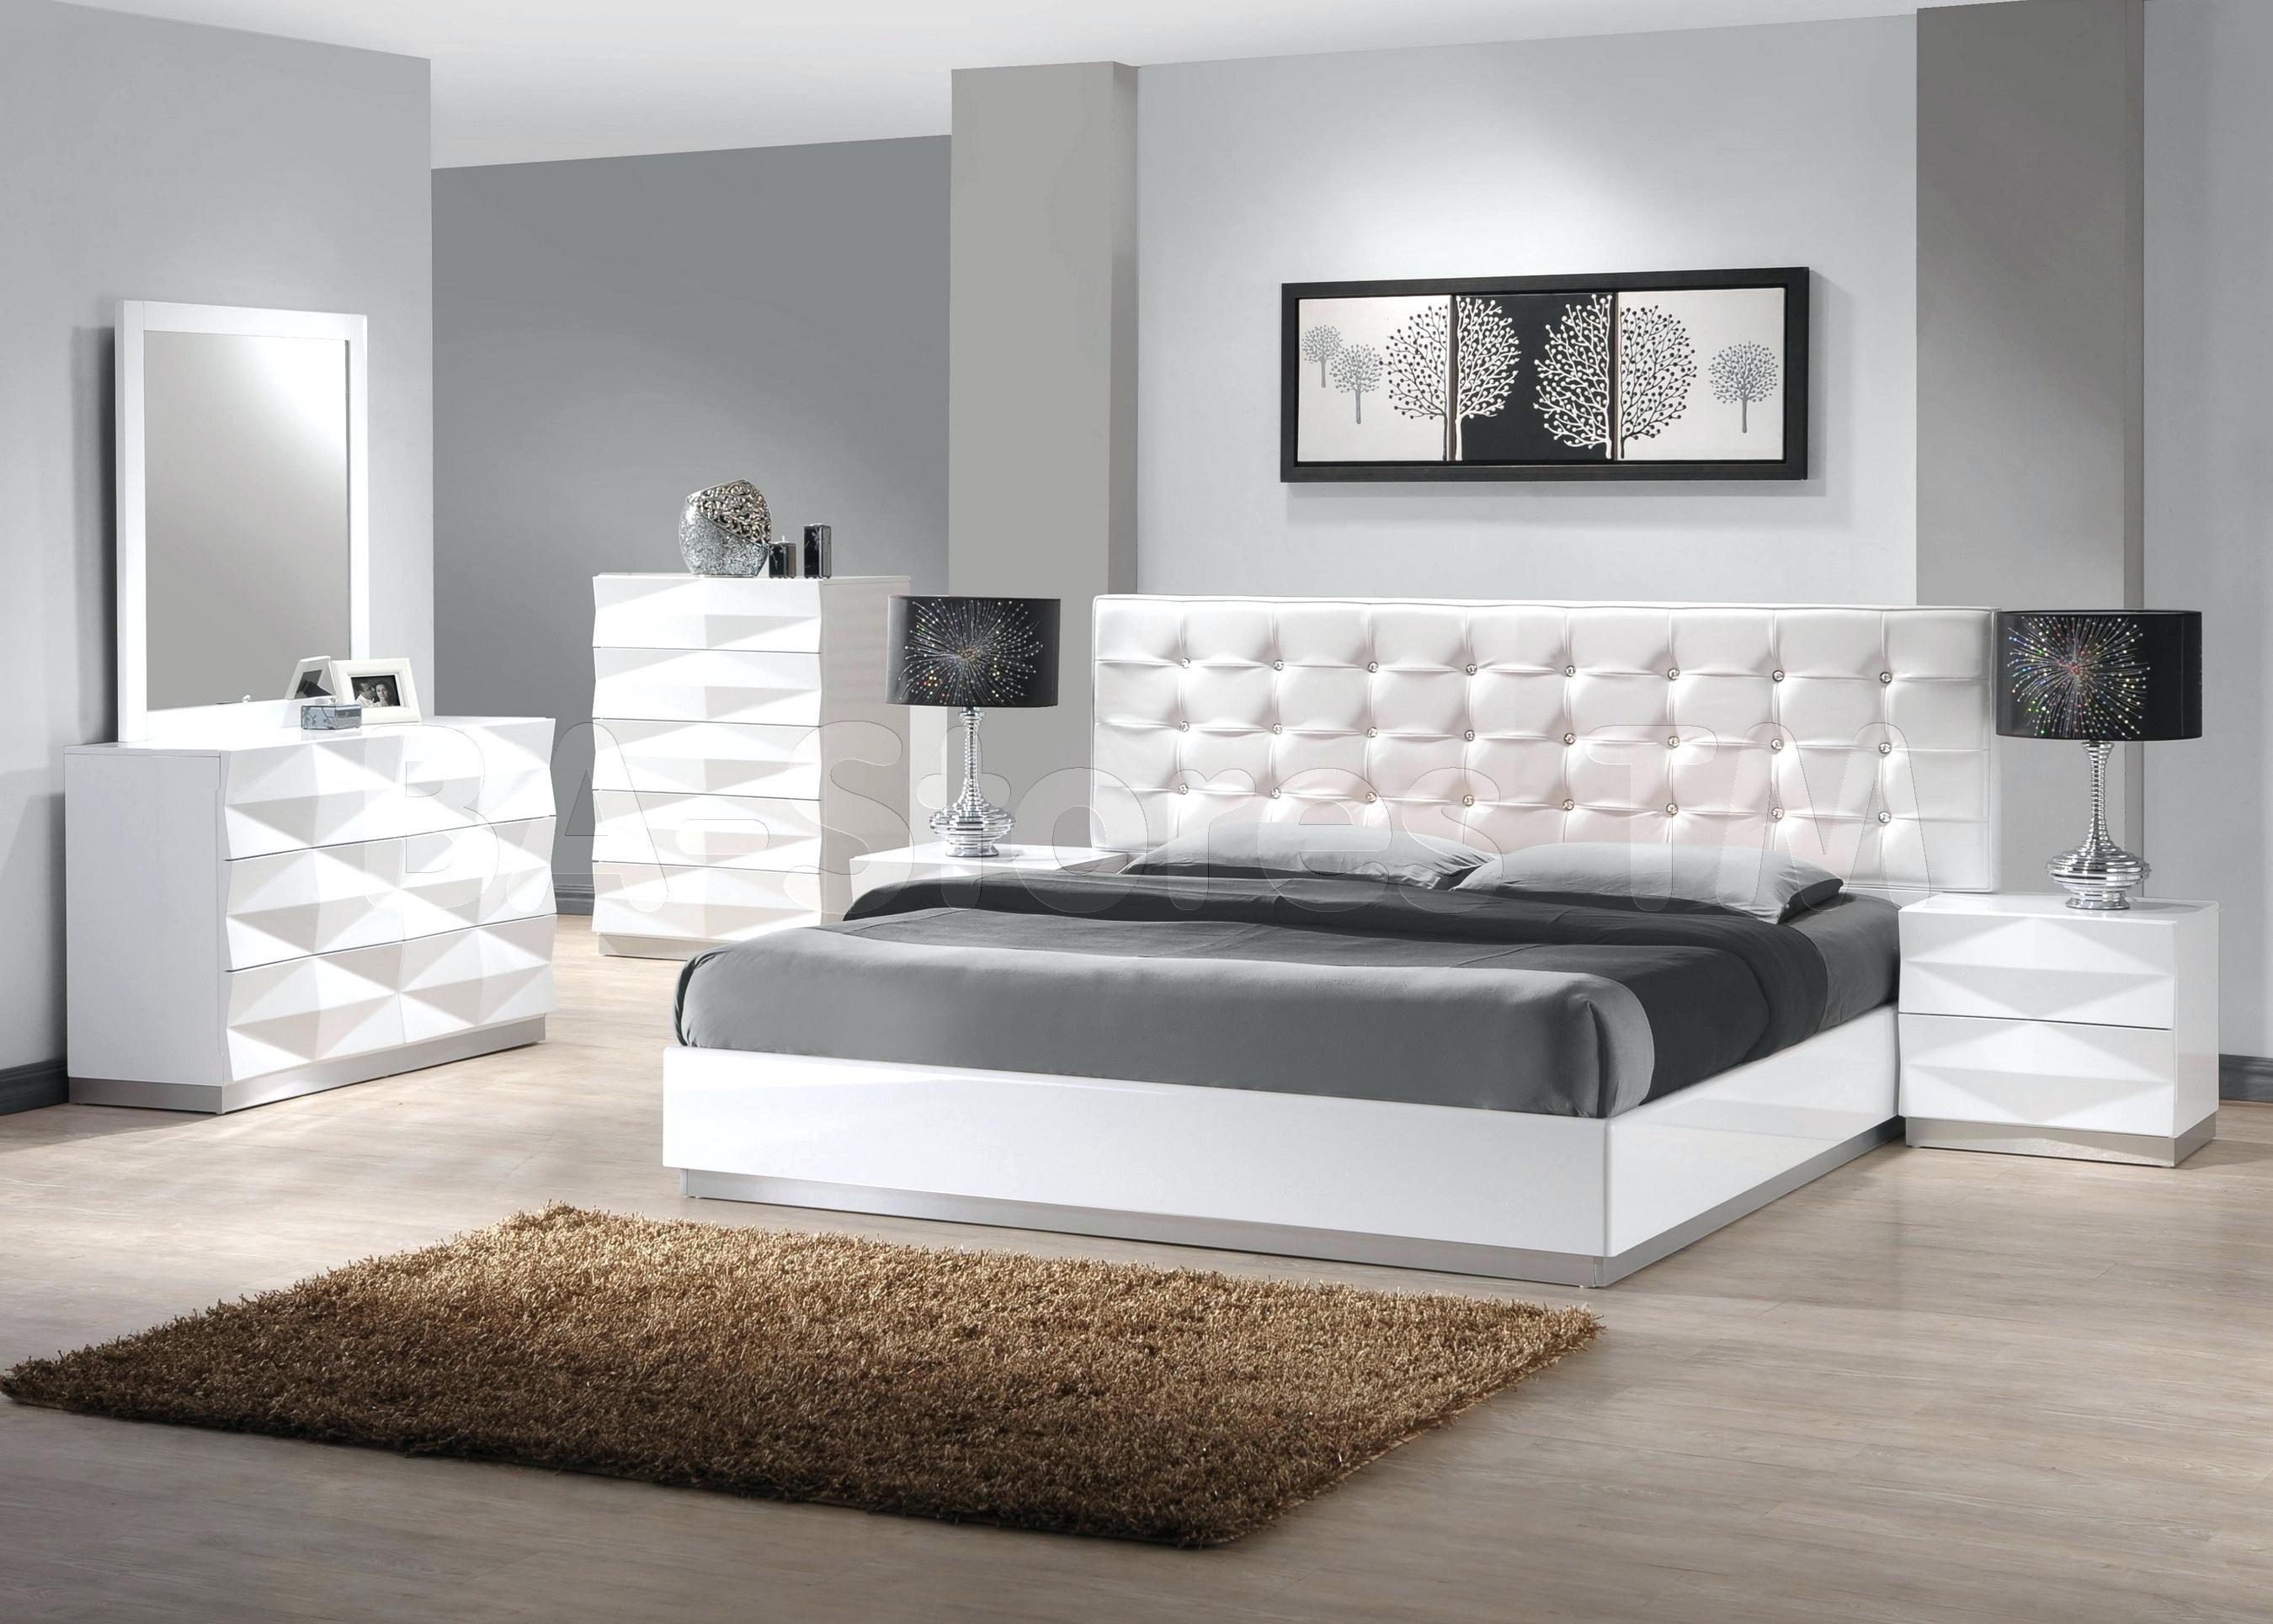 Schlafzimmer Kommode Schwarz 2021